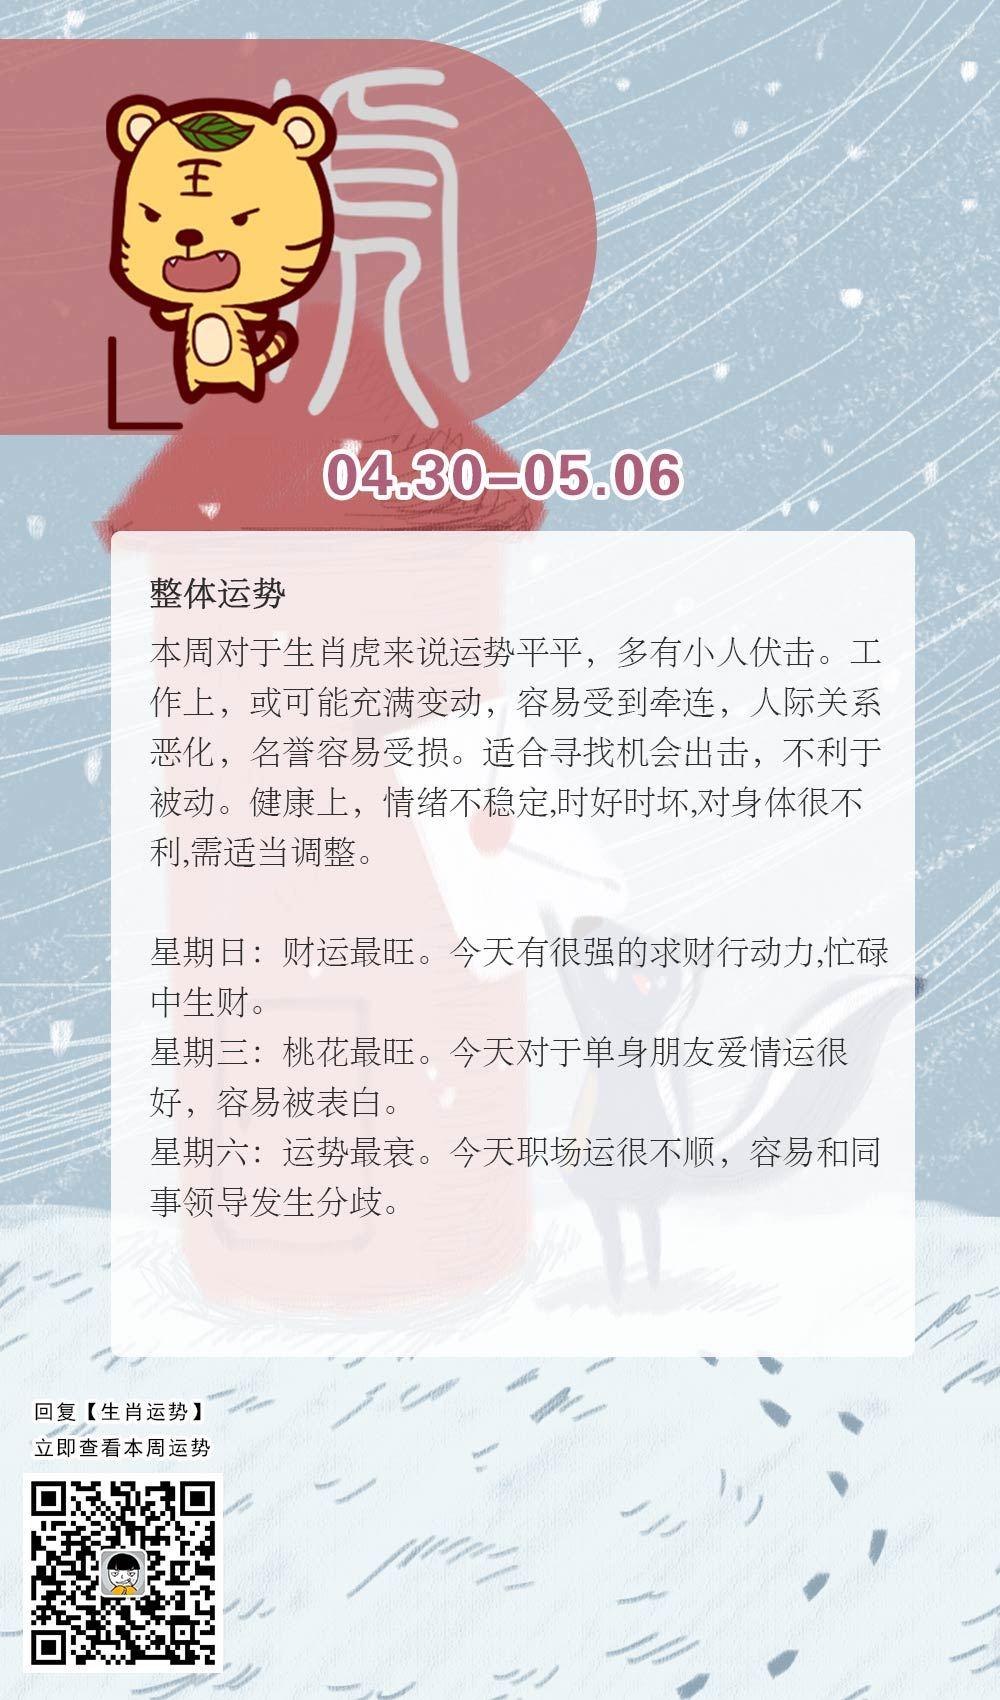 生肖虎本周运势【2018.04.30-05.06】